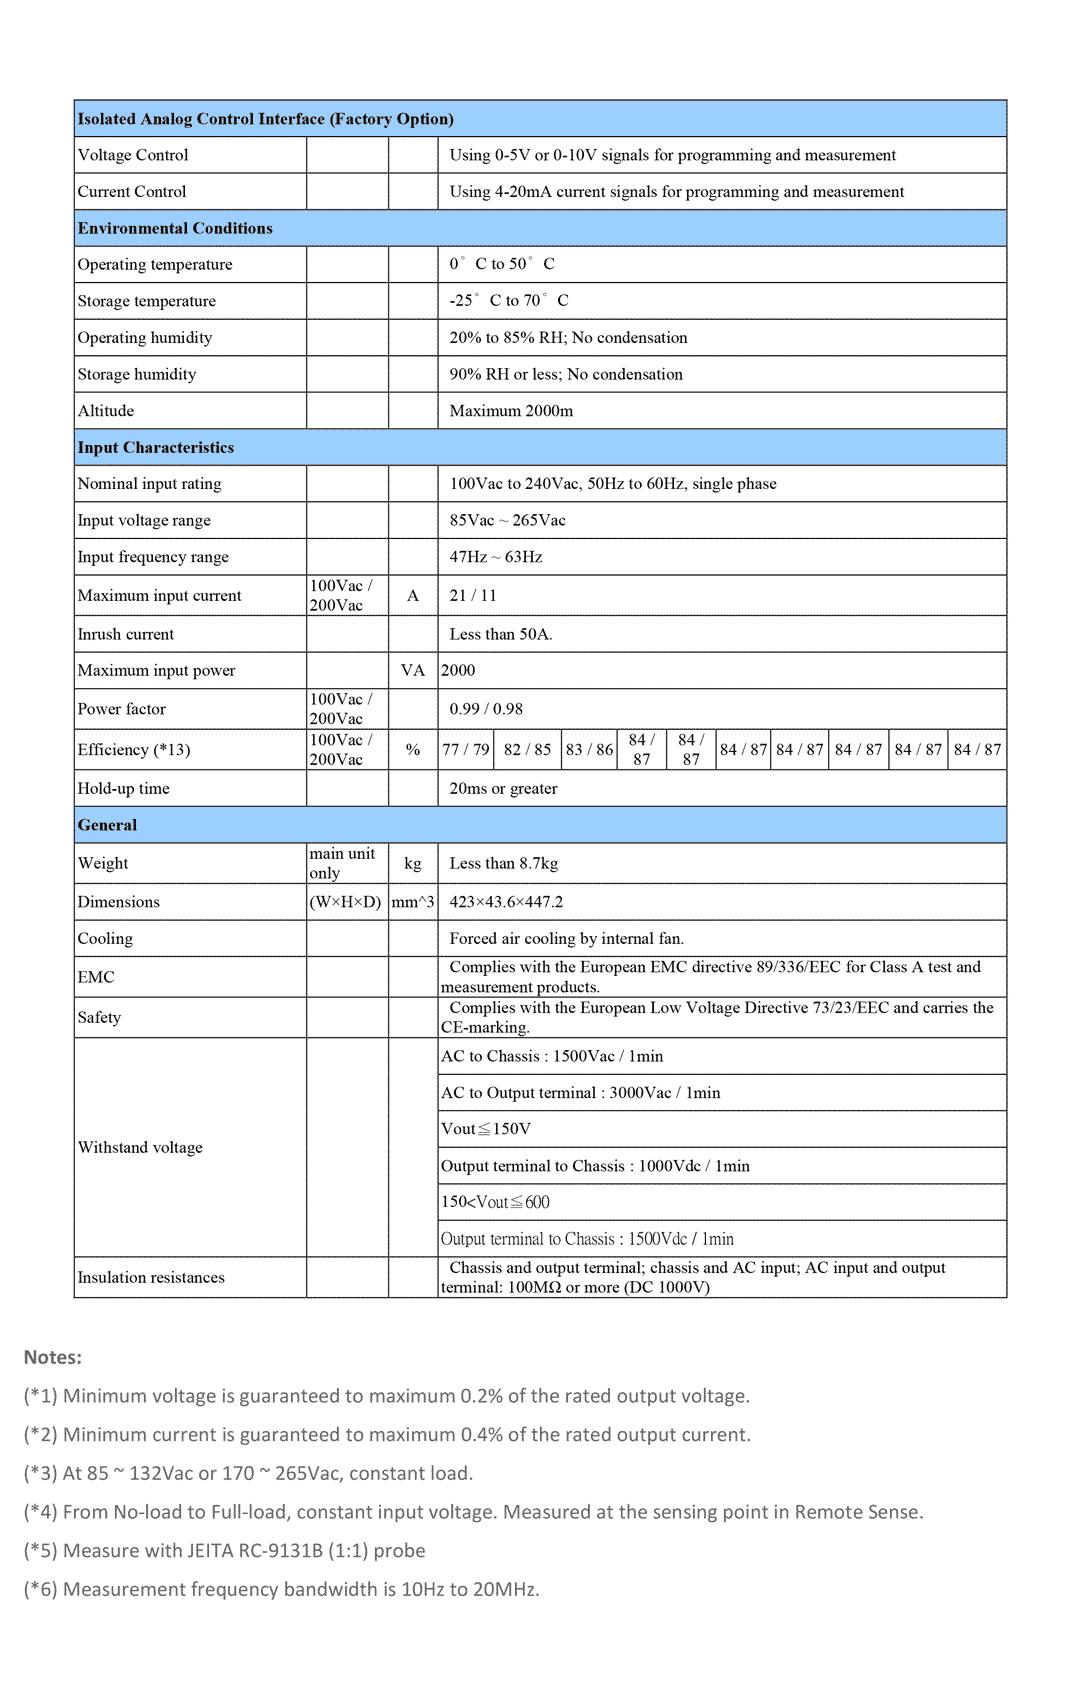 Spec GW Instek PSU 60-25-2